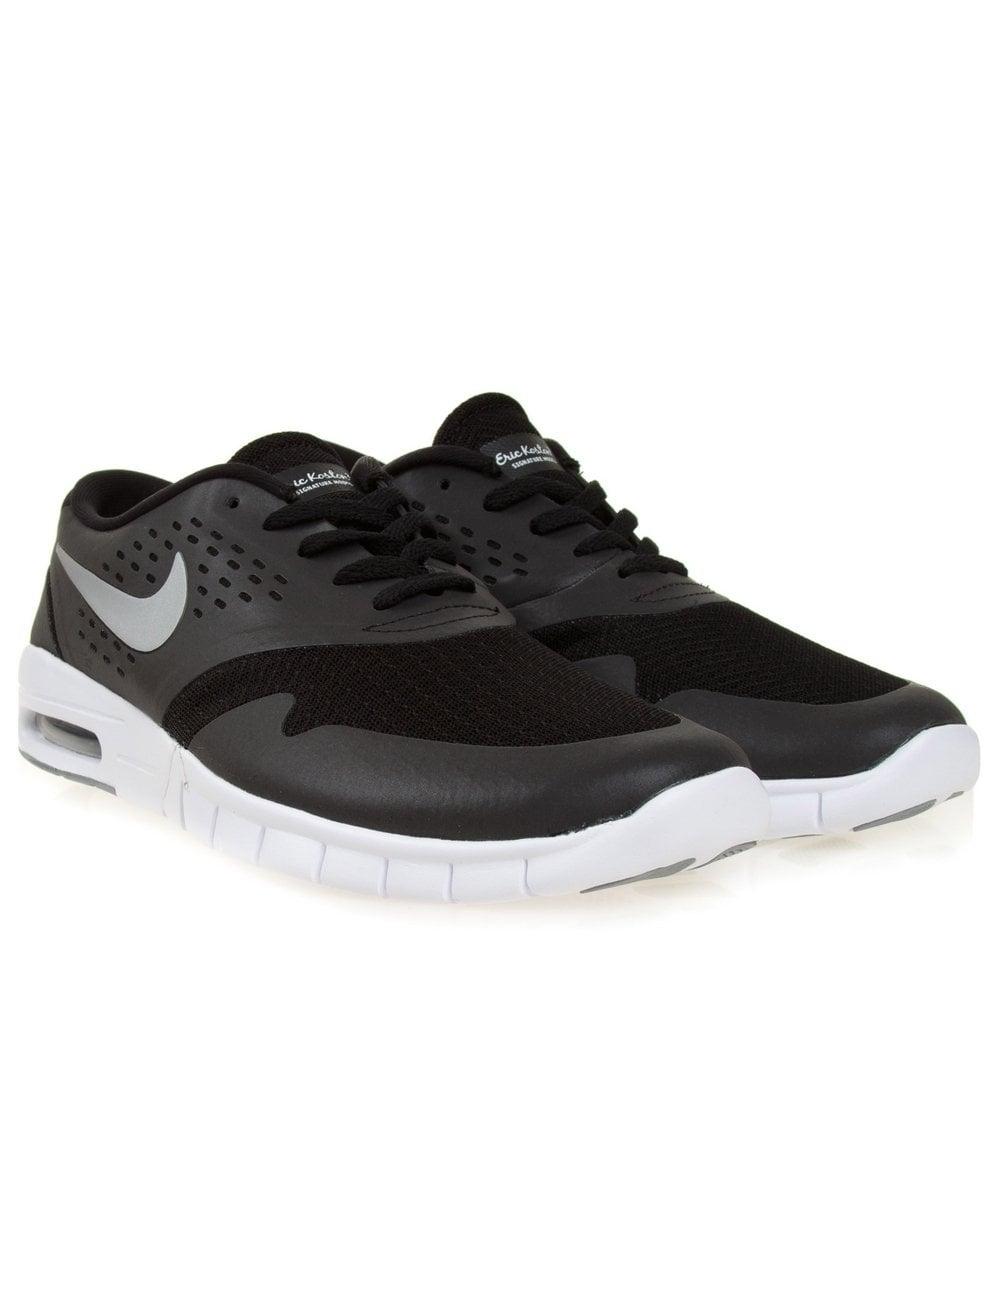 d541d7b660e4 Nike SB Eric Koston 2 Max - Black Metallic - Footwear from Fat ...